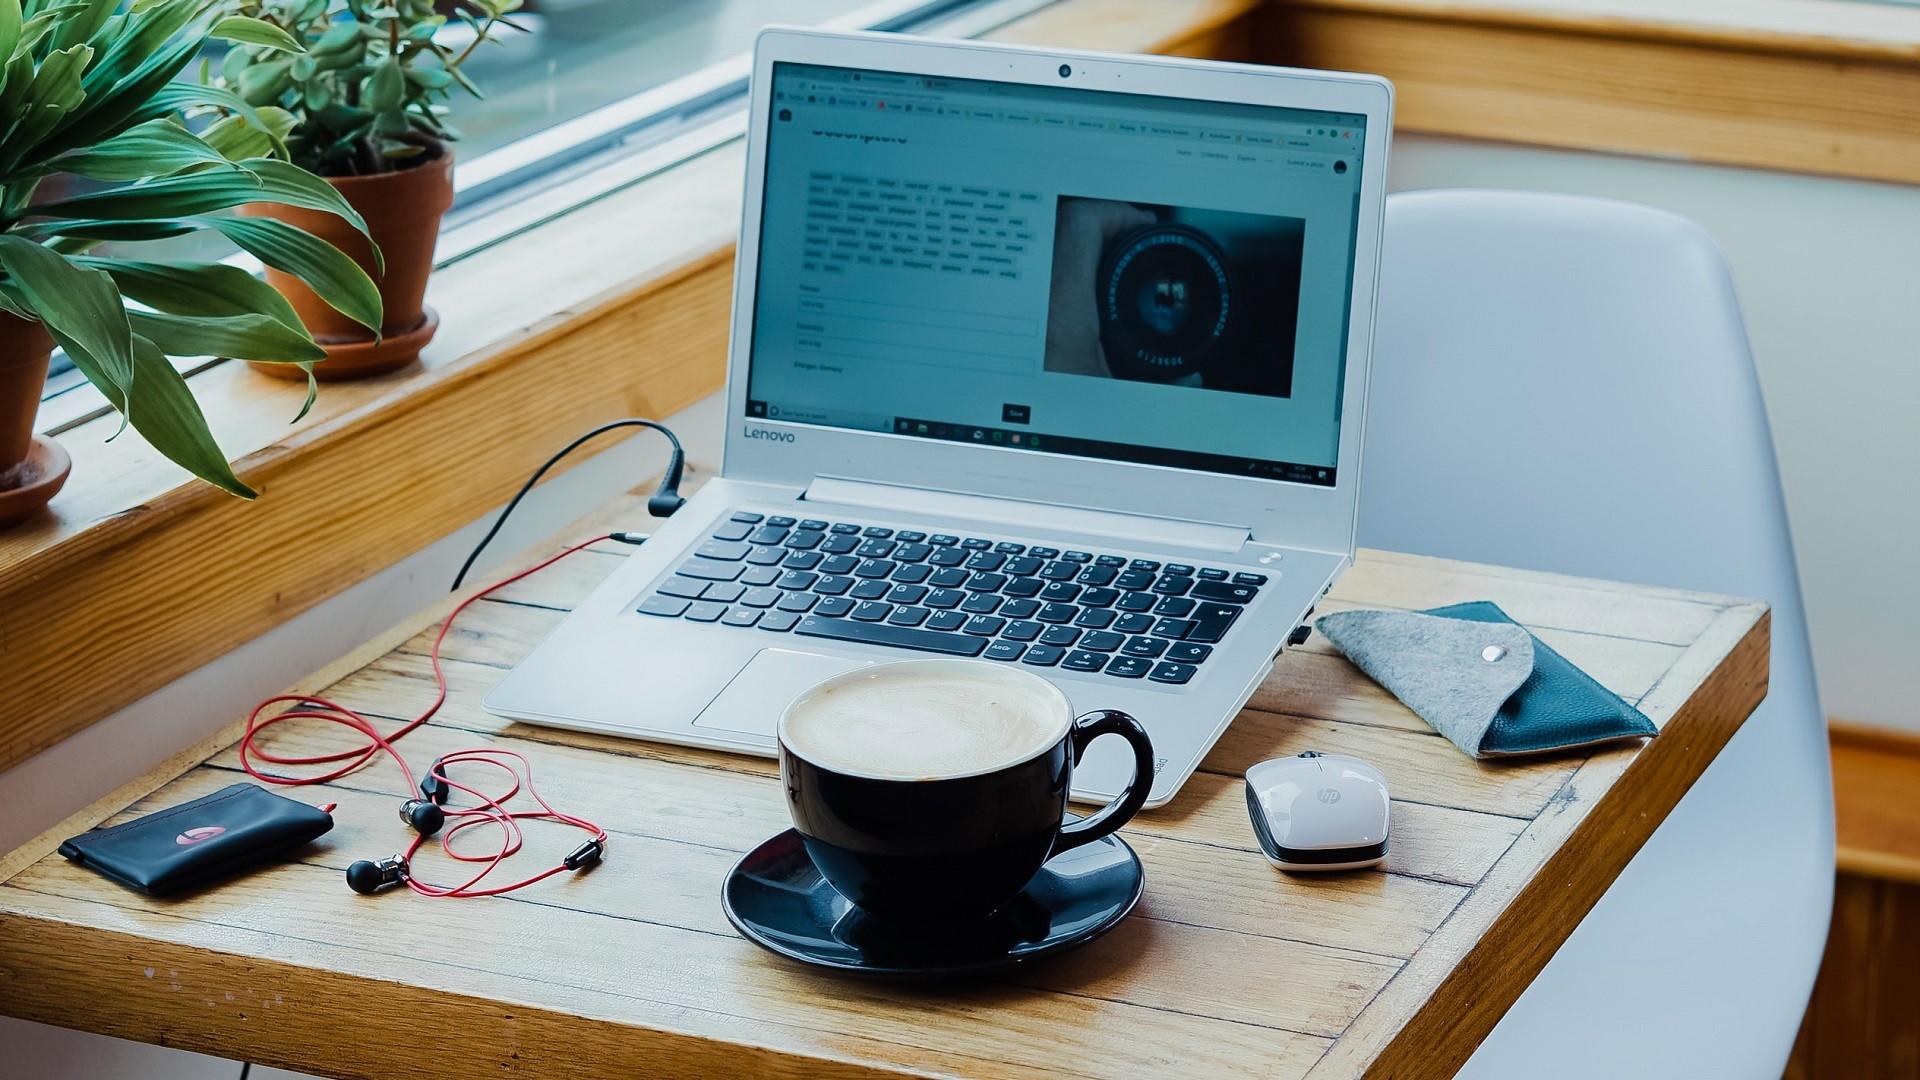 Websitecủa doanh nghiệp ý tưởng kinh doanh sẽ là xu hướng hốt bạc